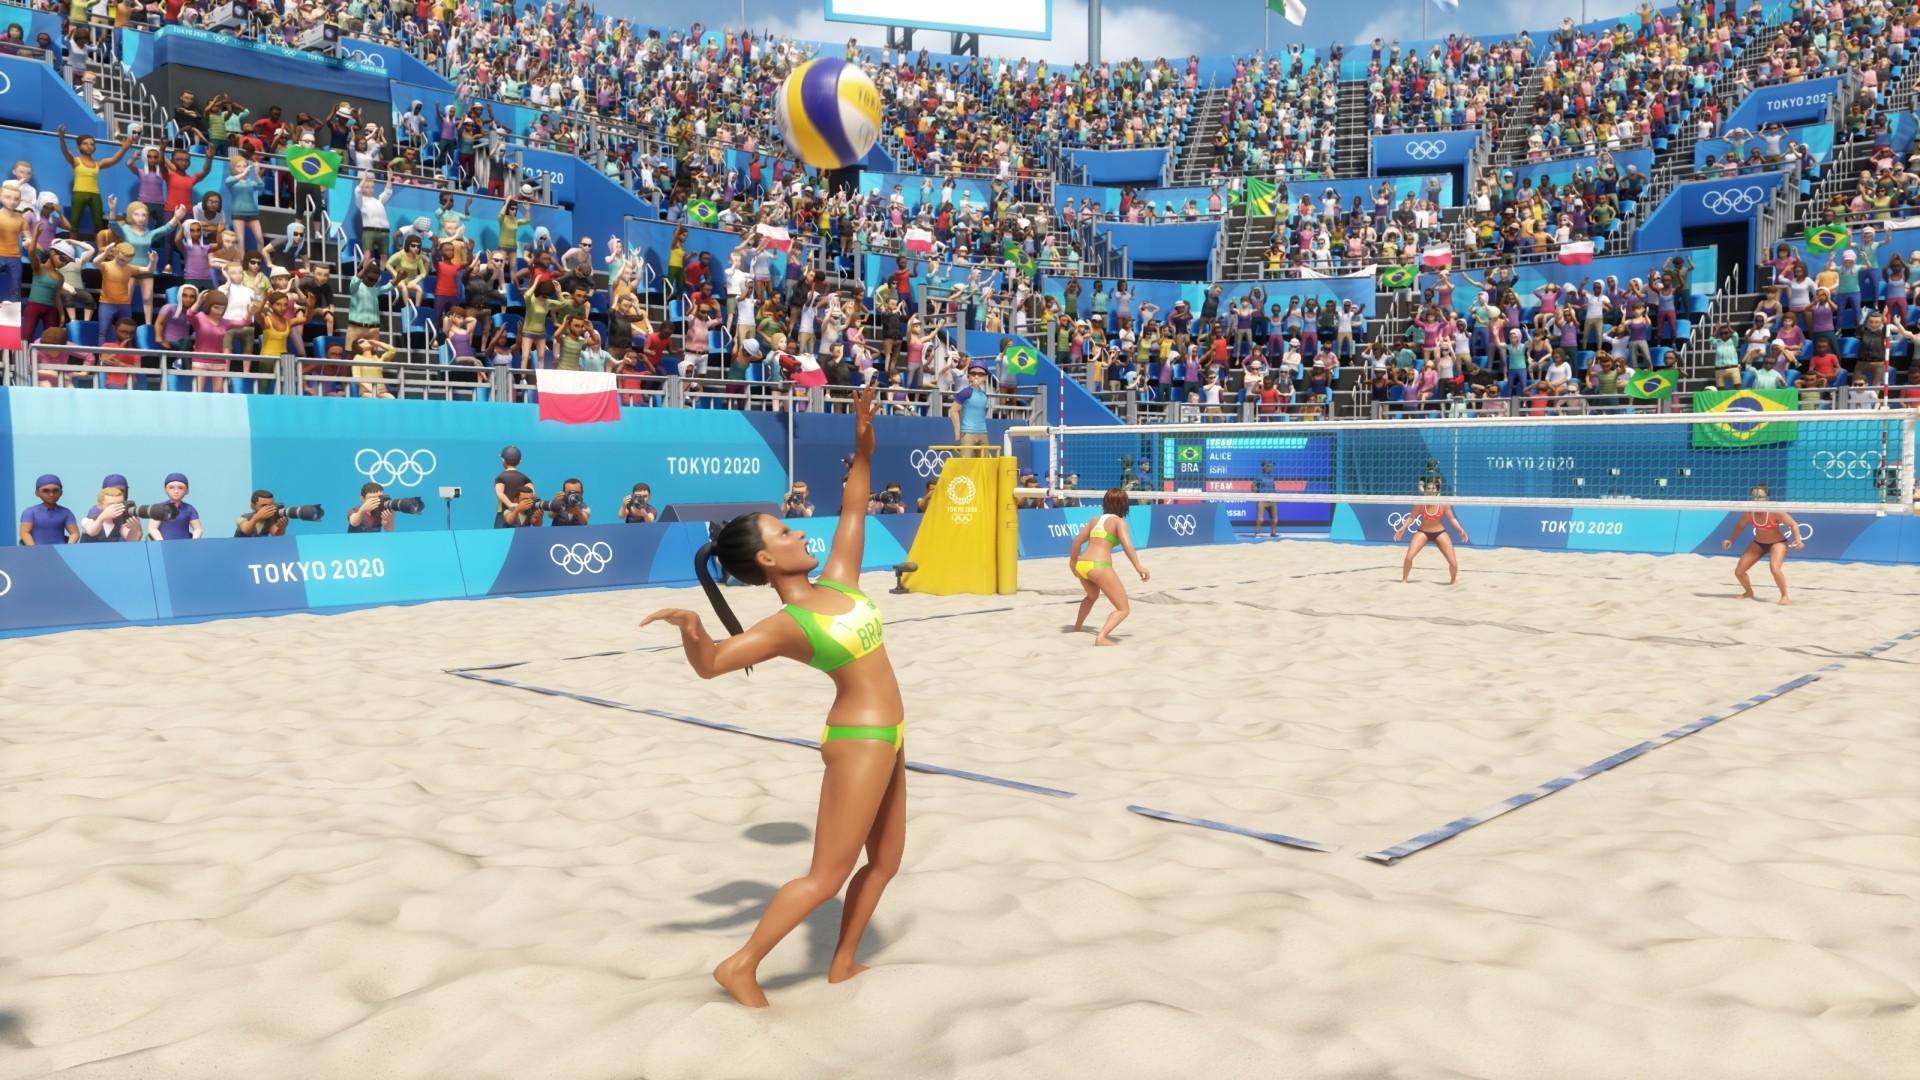 Olympische Spiele Tokyo 2020 Das Offizielle Videospiel Startschuss Fur Das Offizielle Videospiel